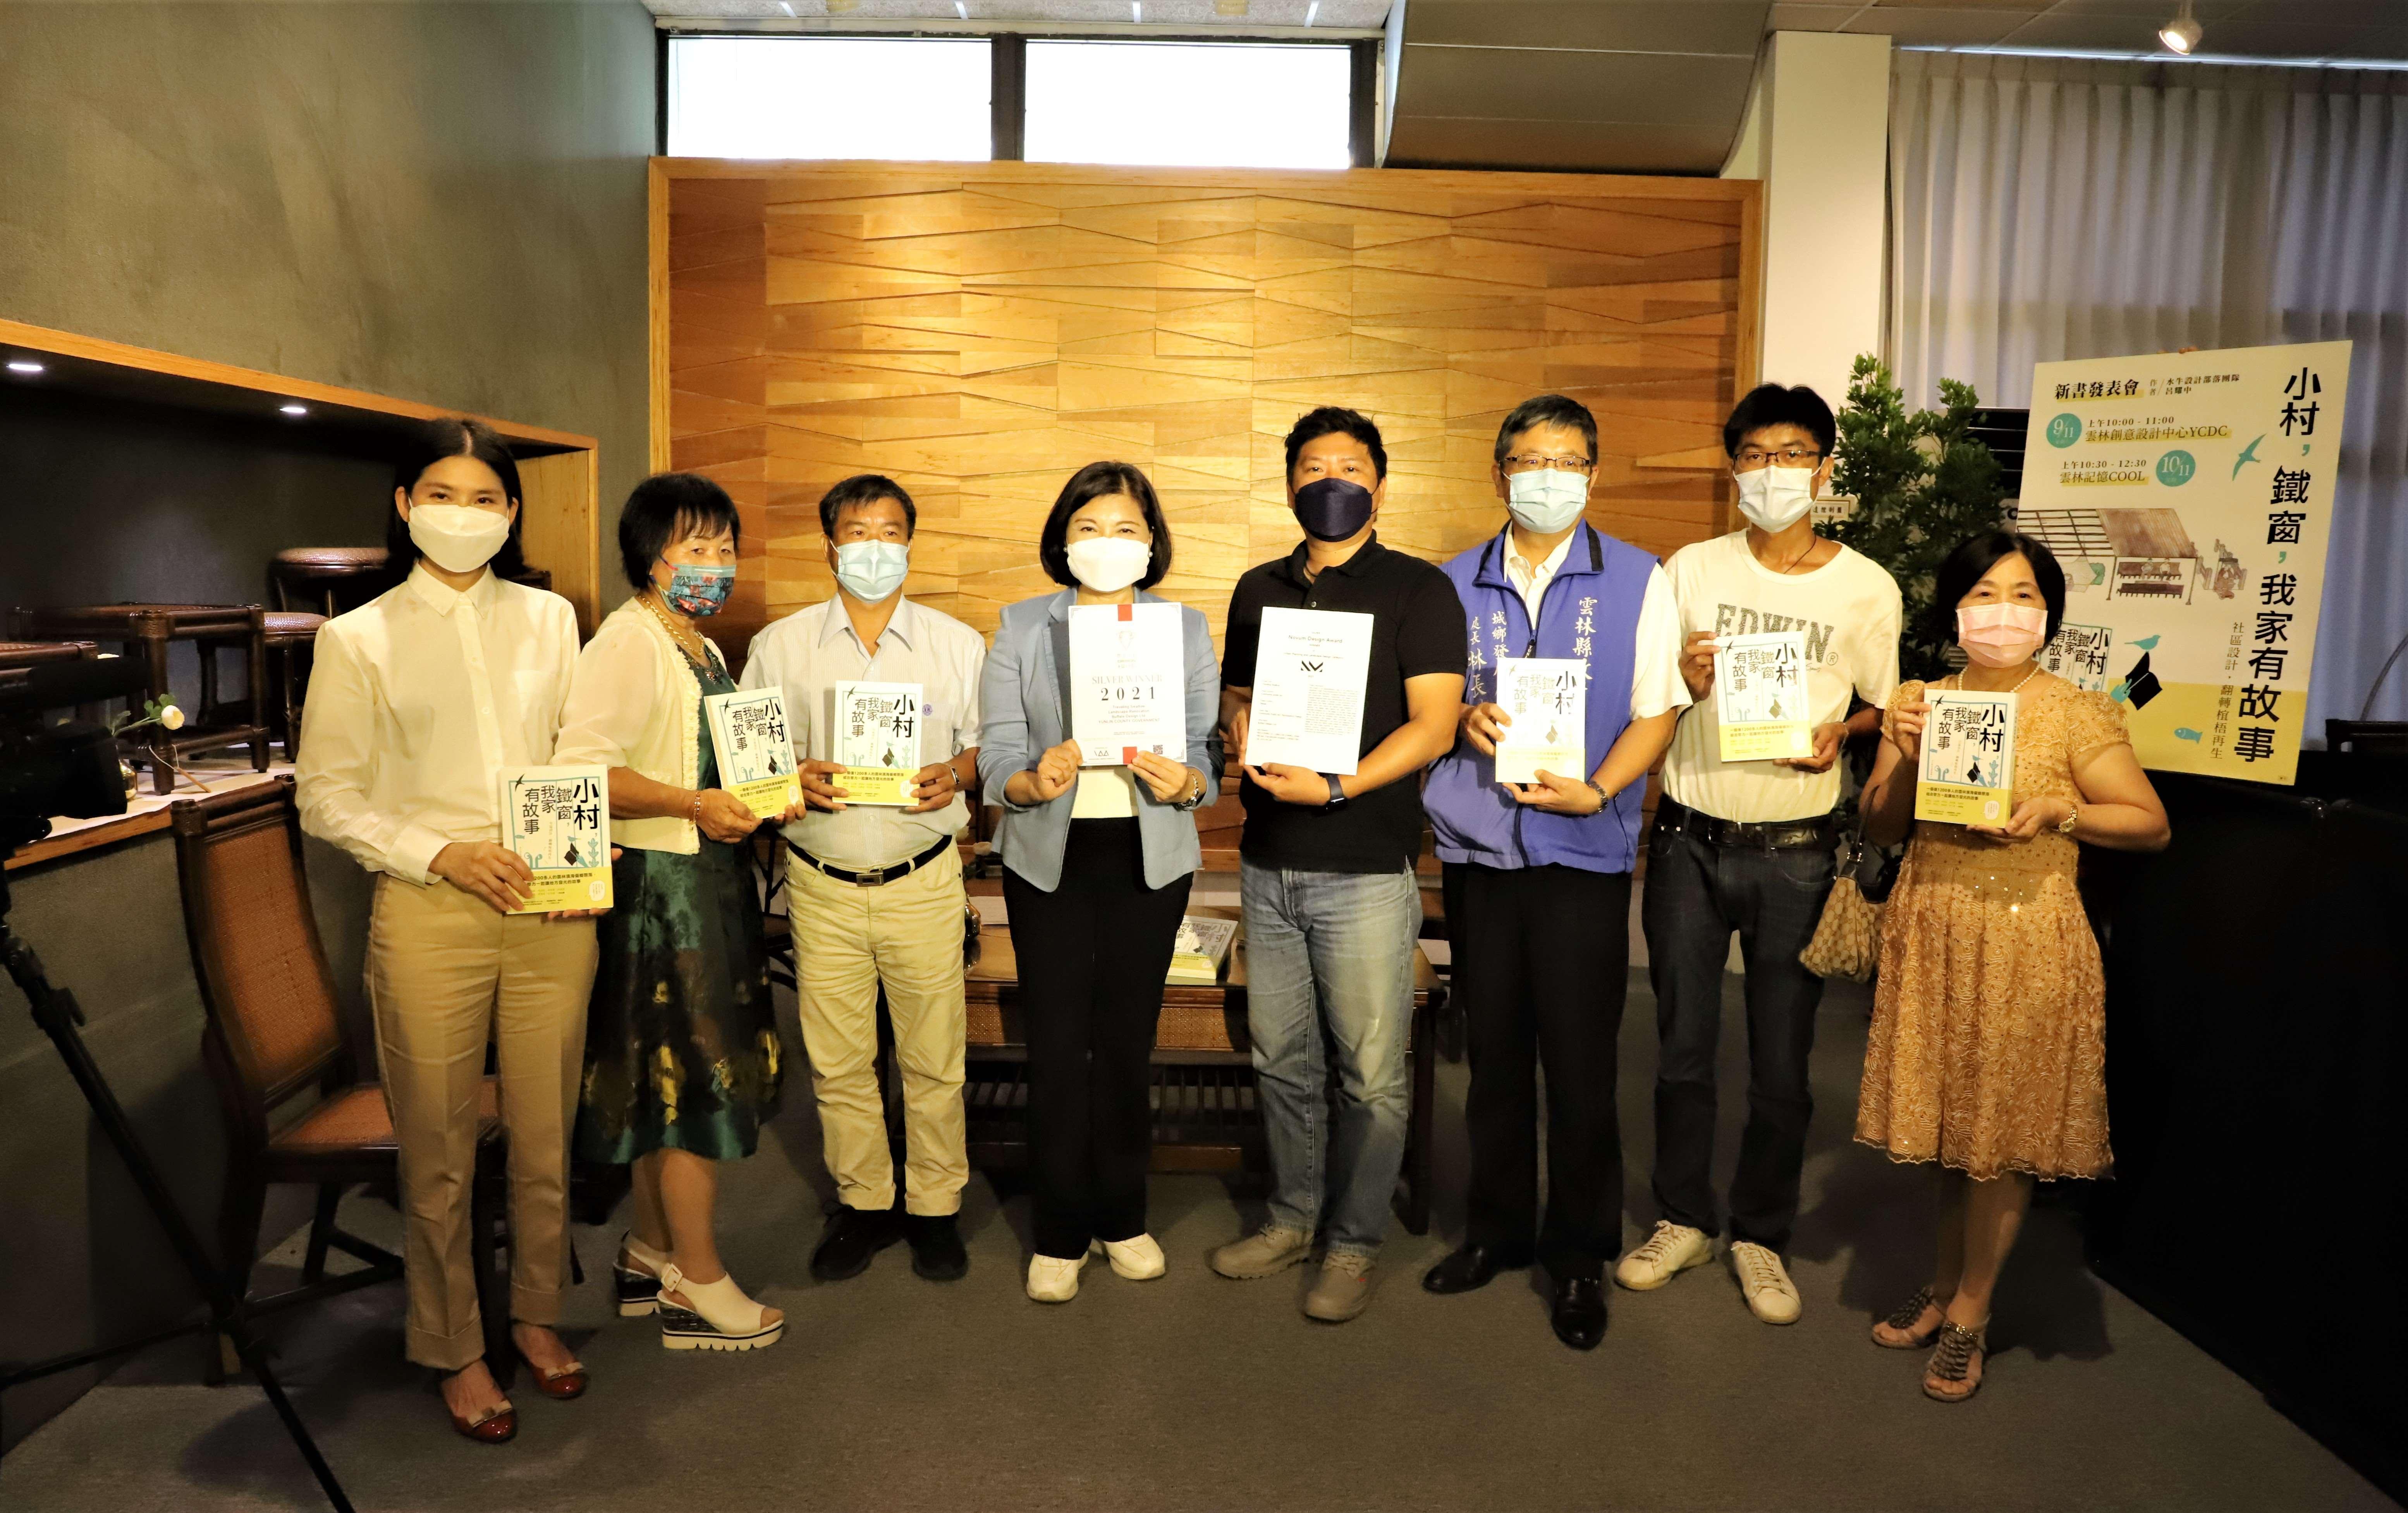 張縣長出席「小村,鐵窗,我家有故事」新書發表會。